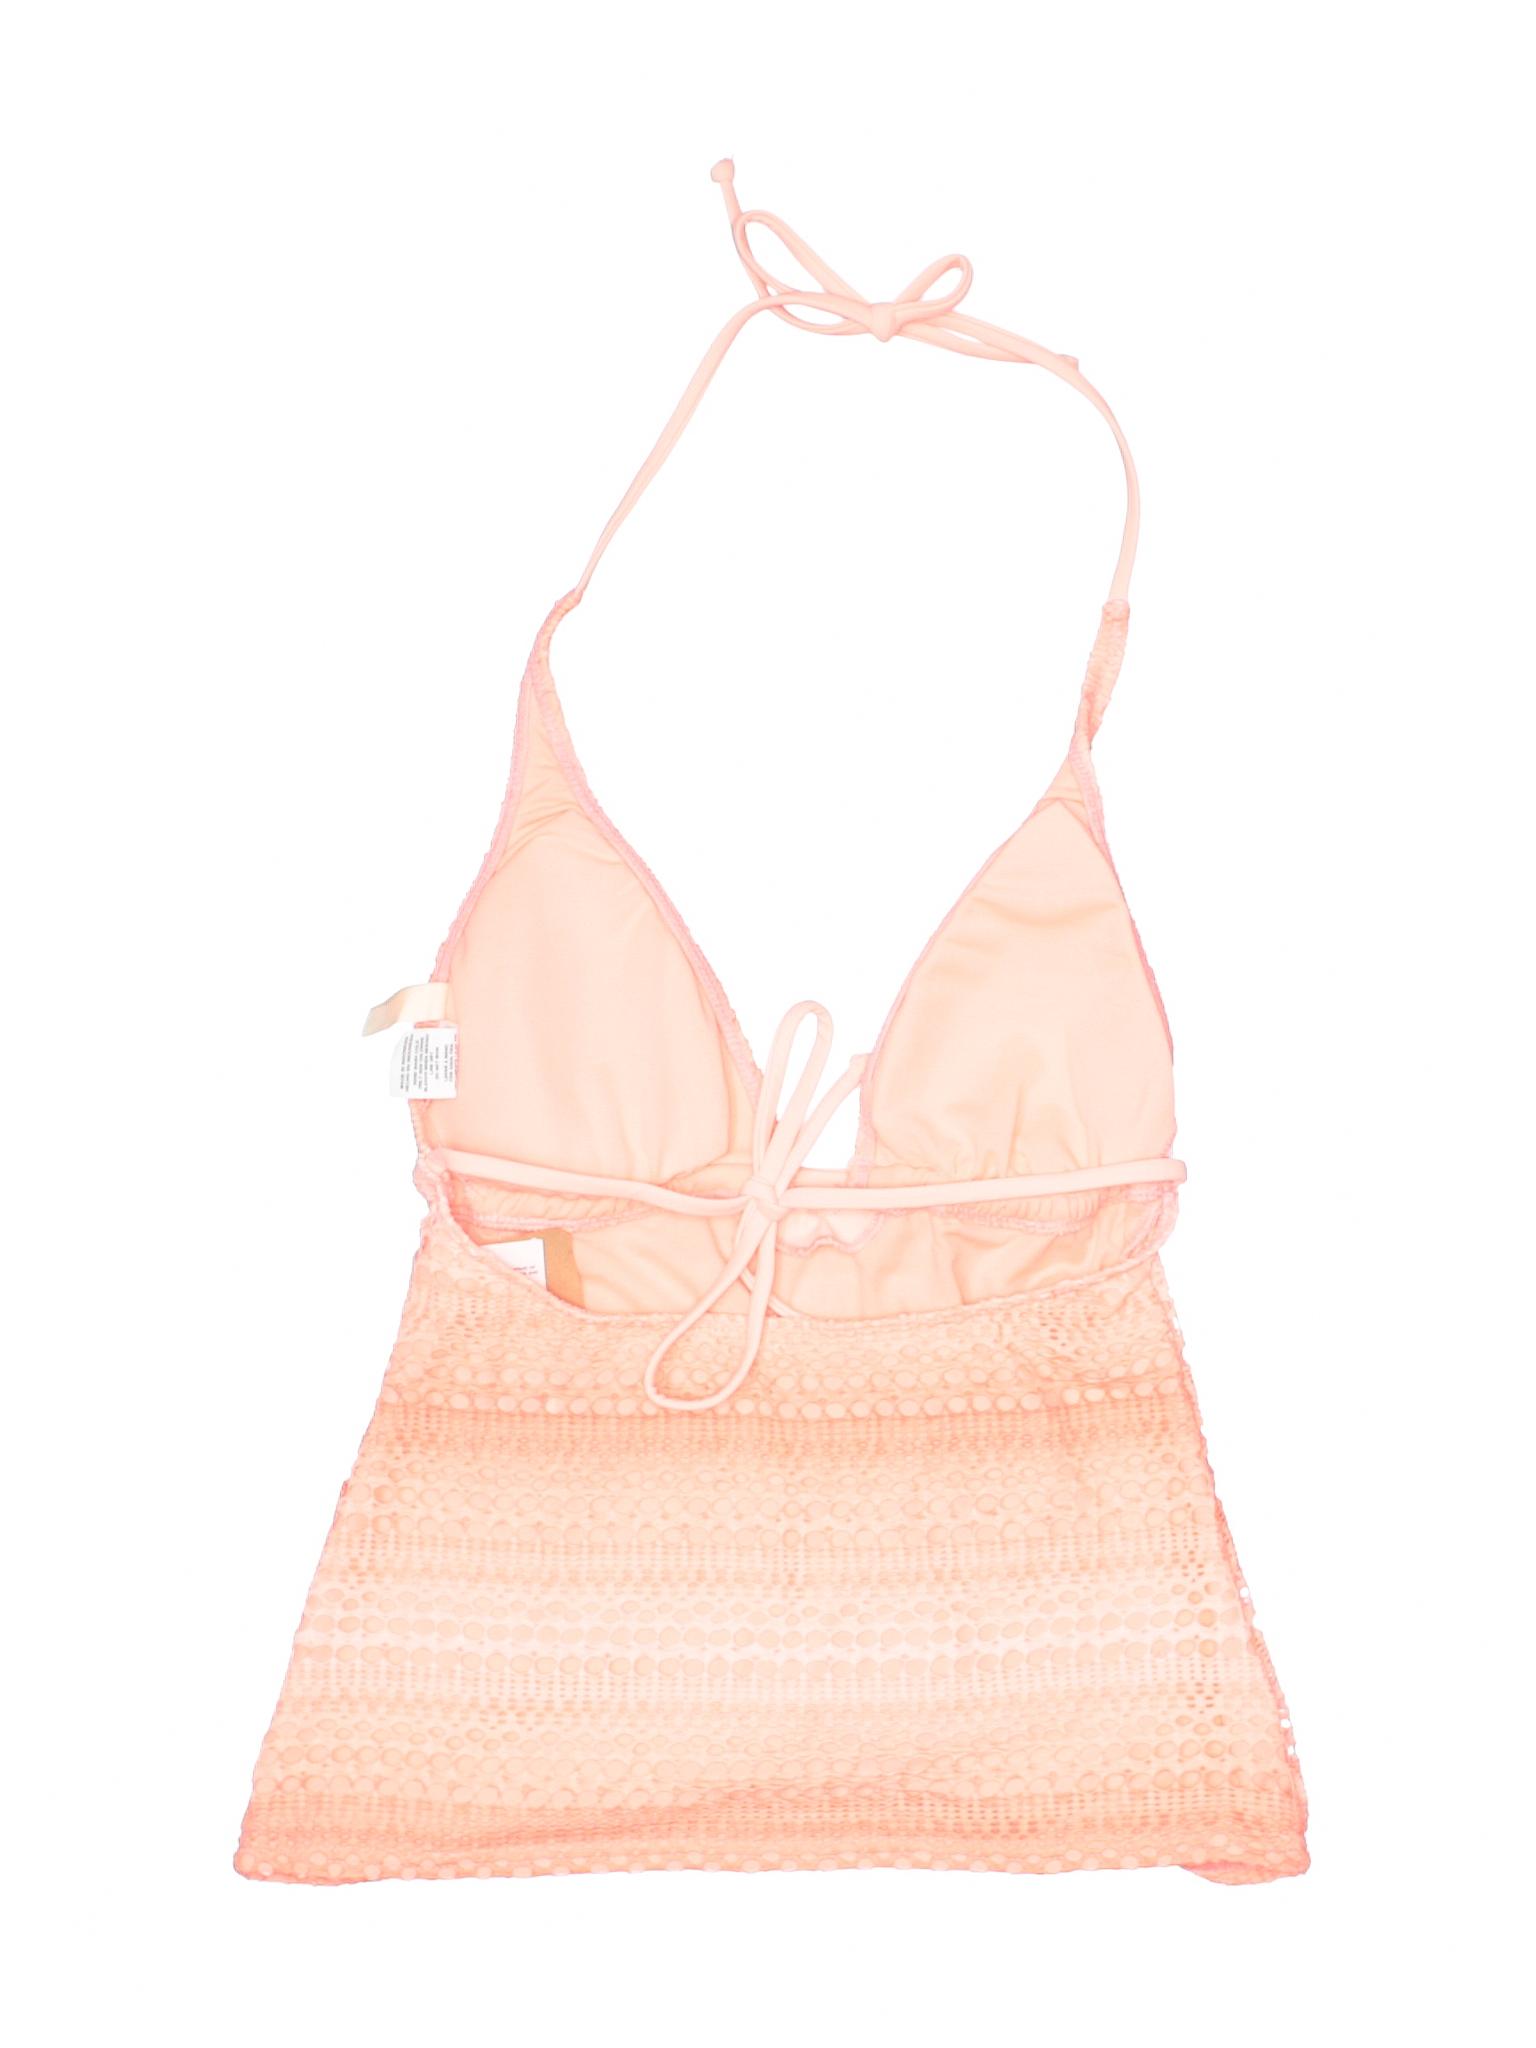 Boutique Hobie Swimsuit Top Hobie Swimsuit Boutique Boutique Top 66rzq